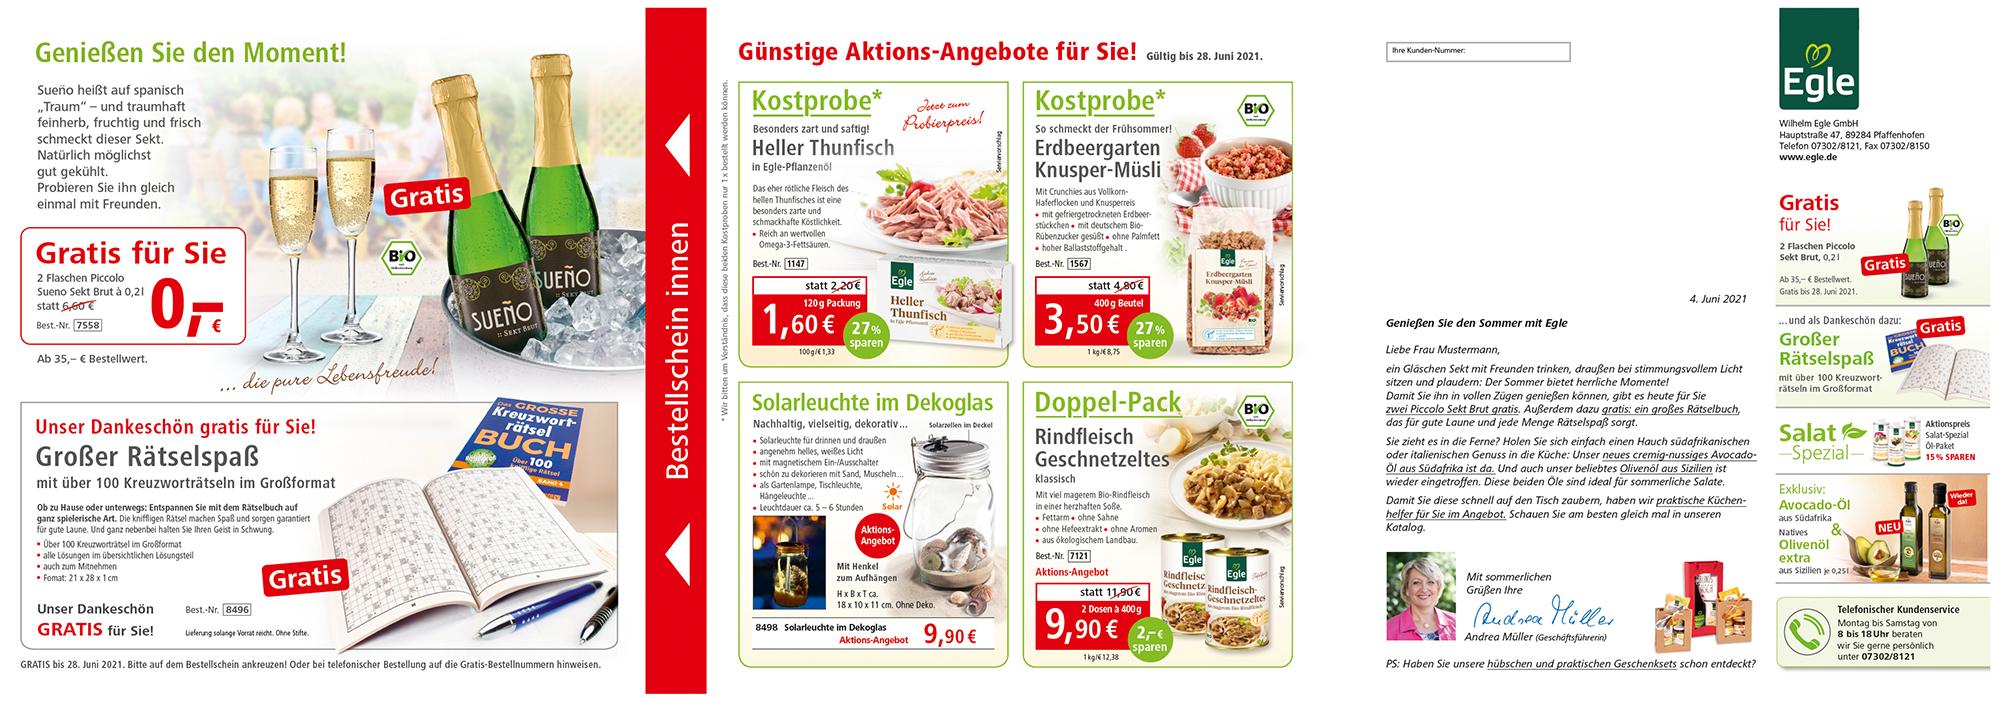 Bestellschein-A8-2021